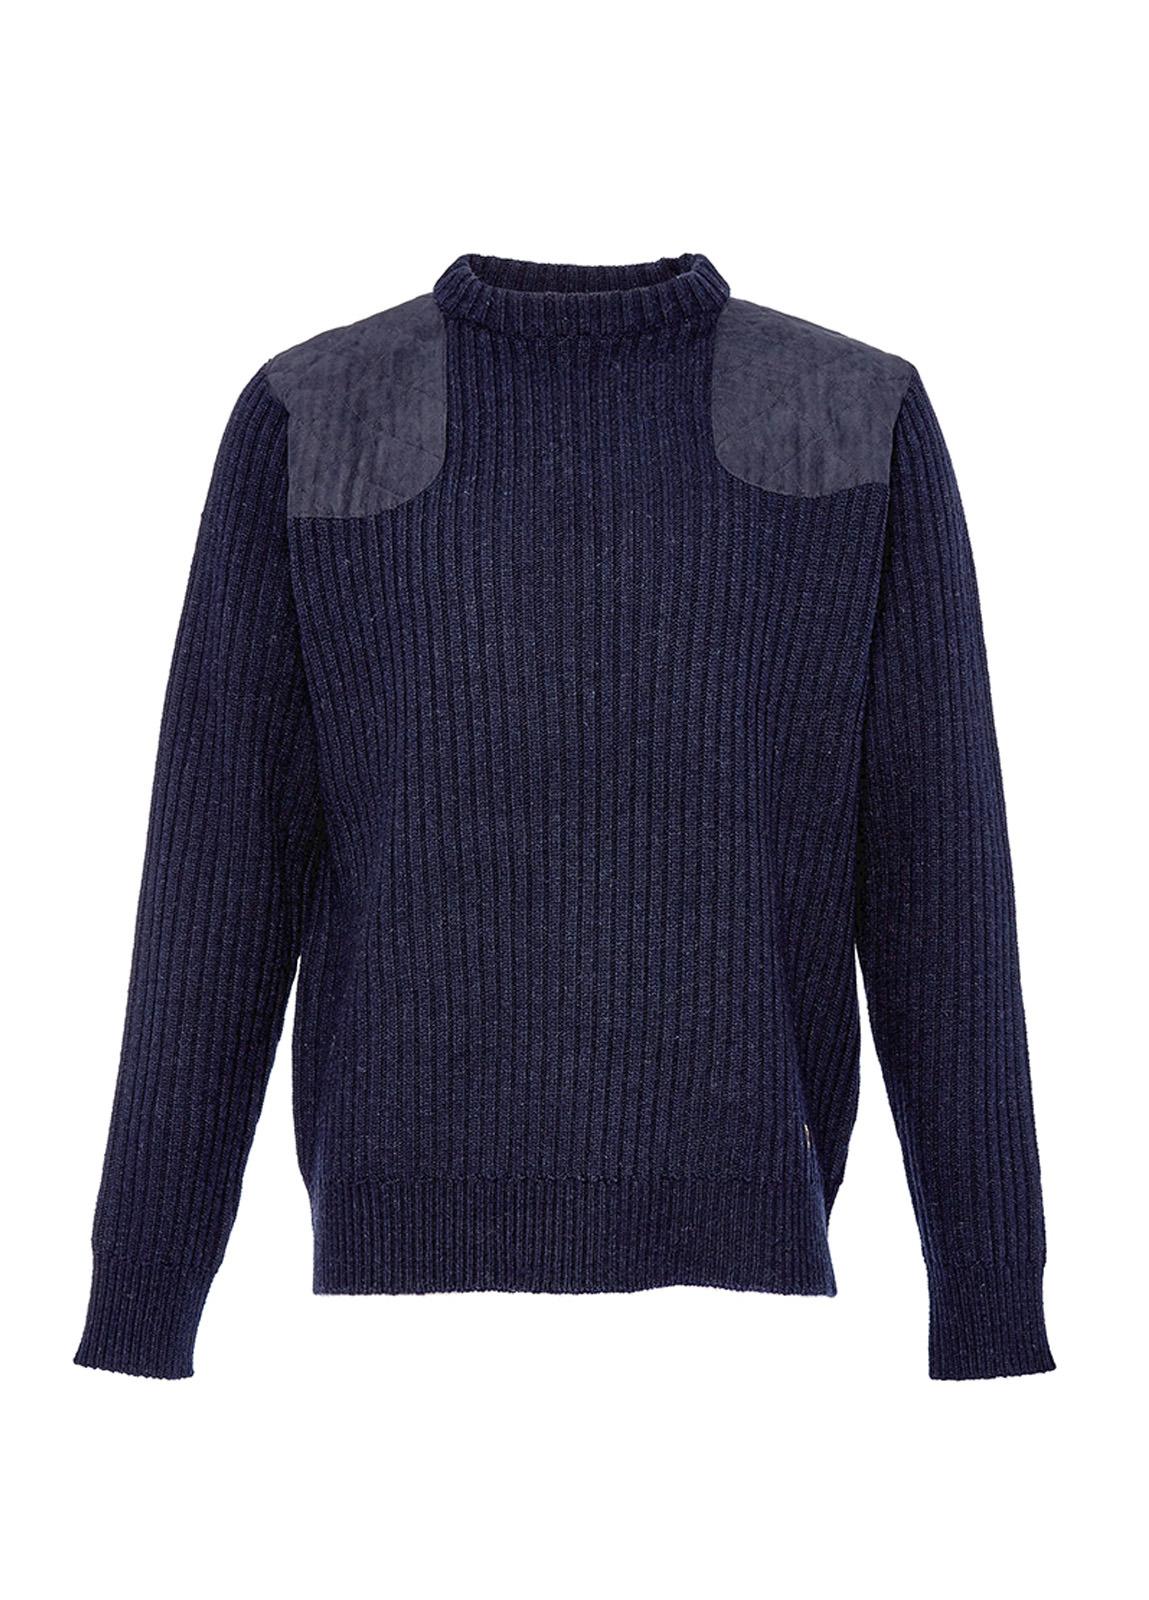 Macken Ribbed Sweater - Navy